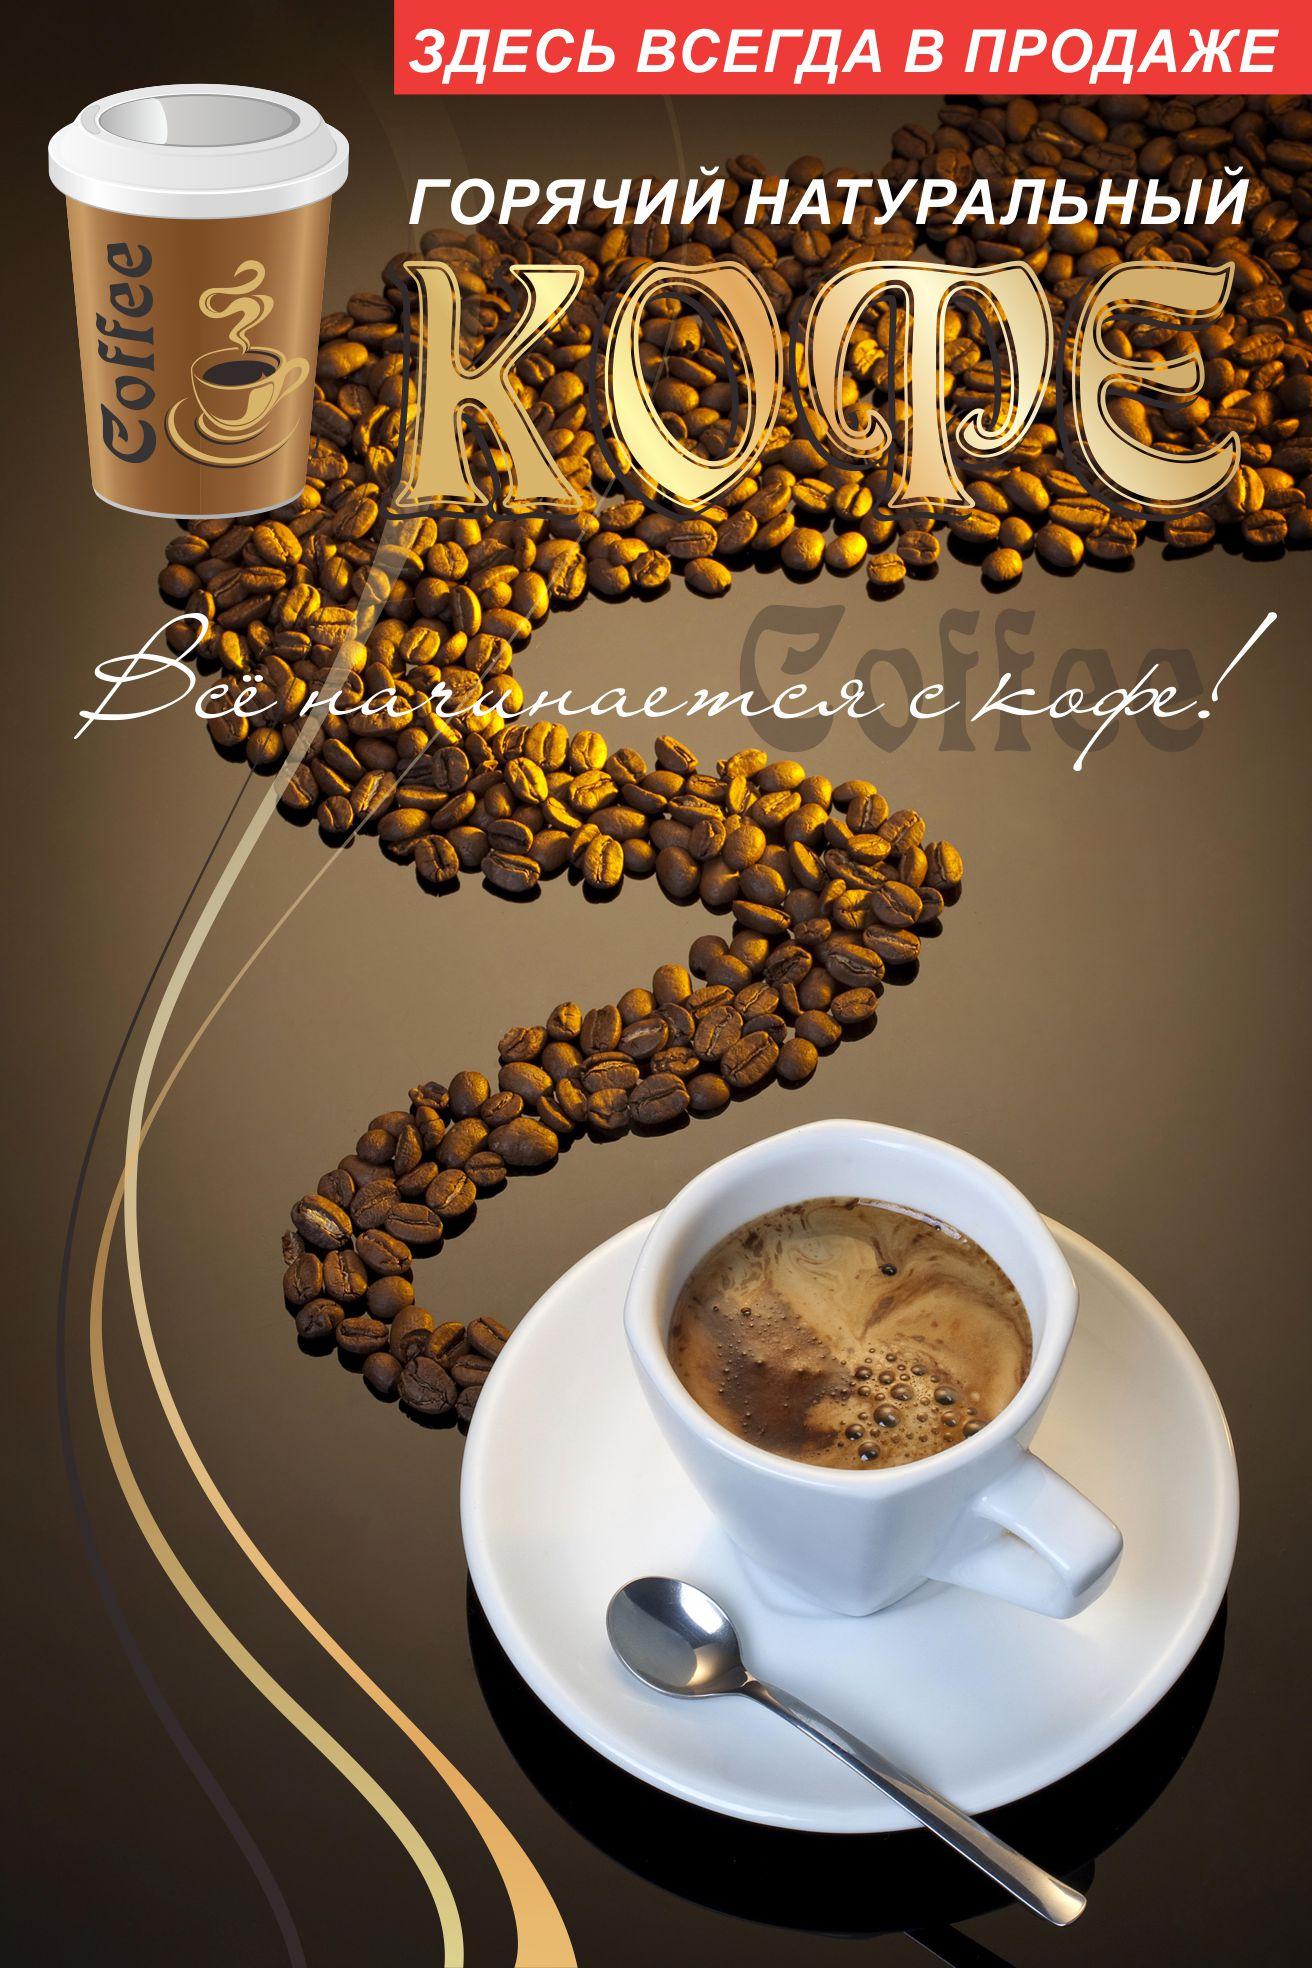 страны картинка реклама про кофе унылый шататель рижыма